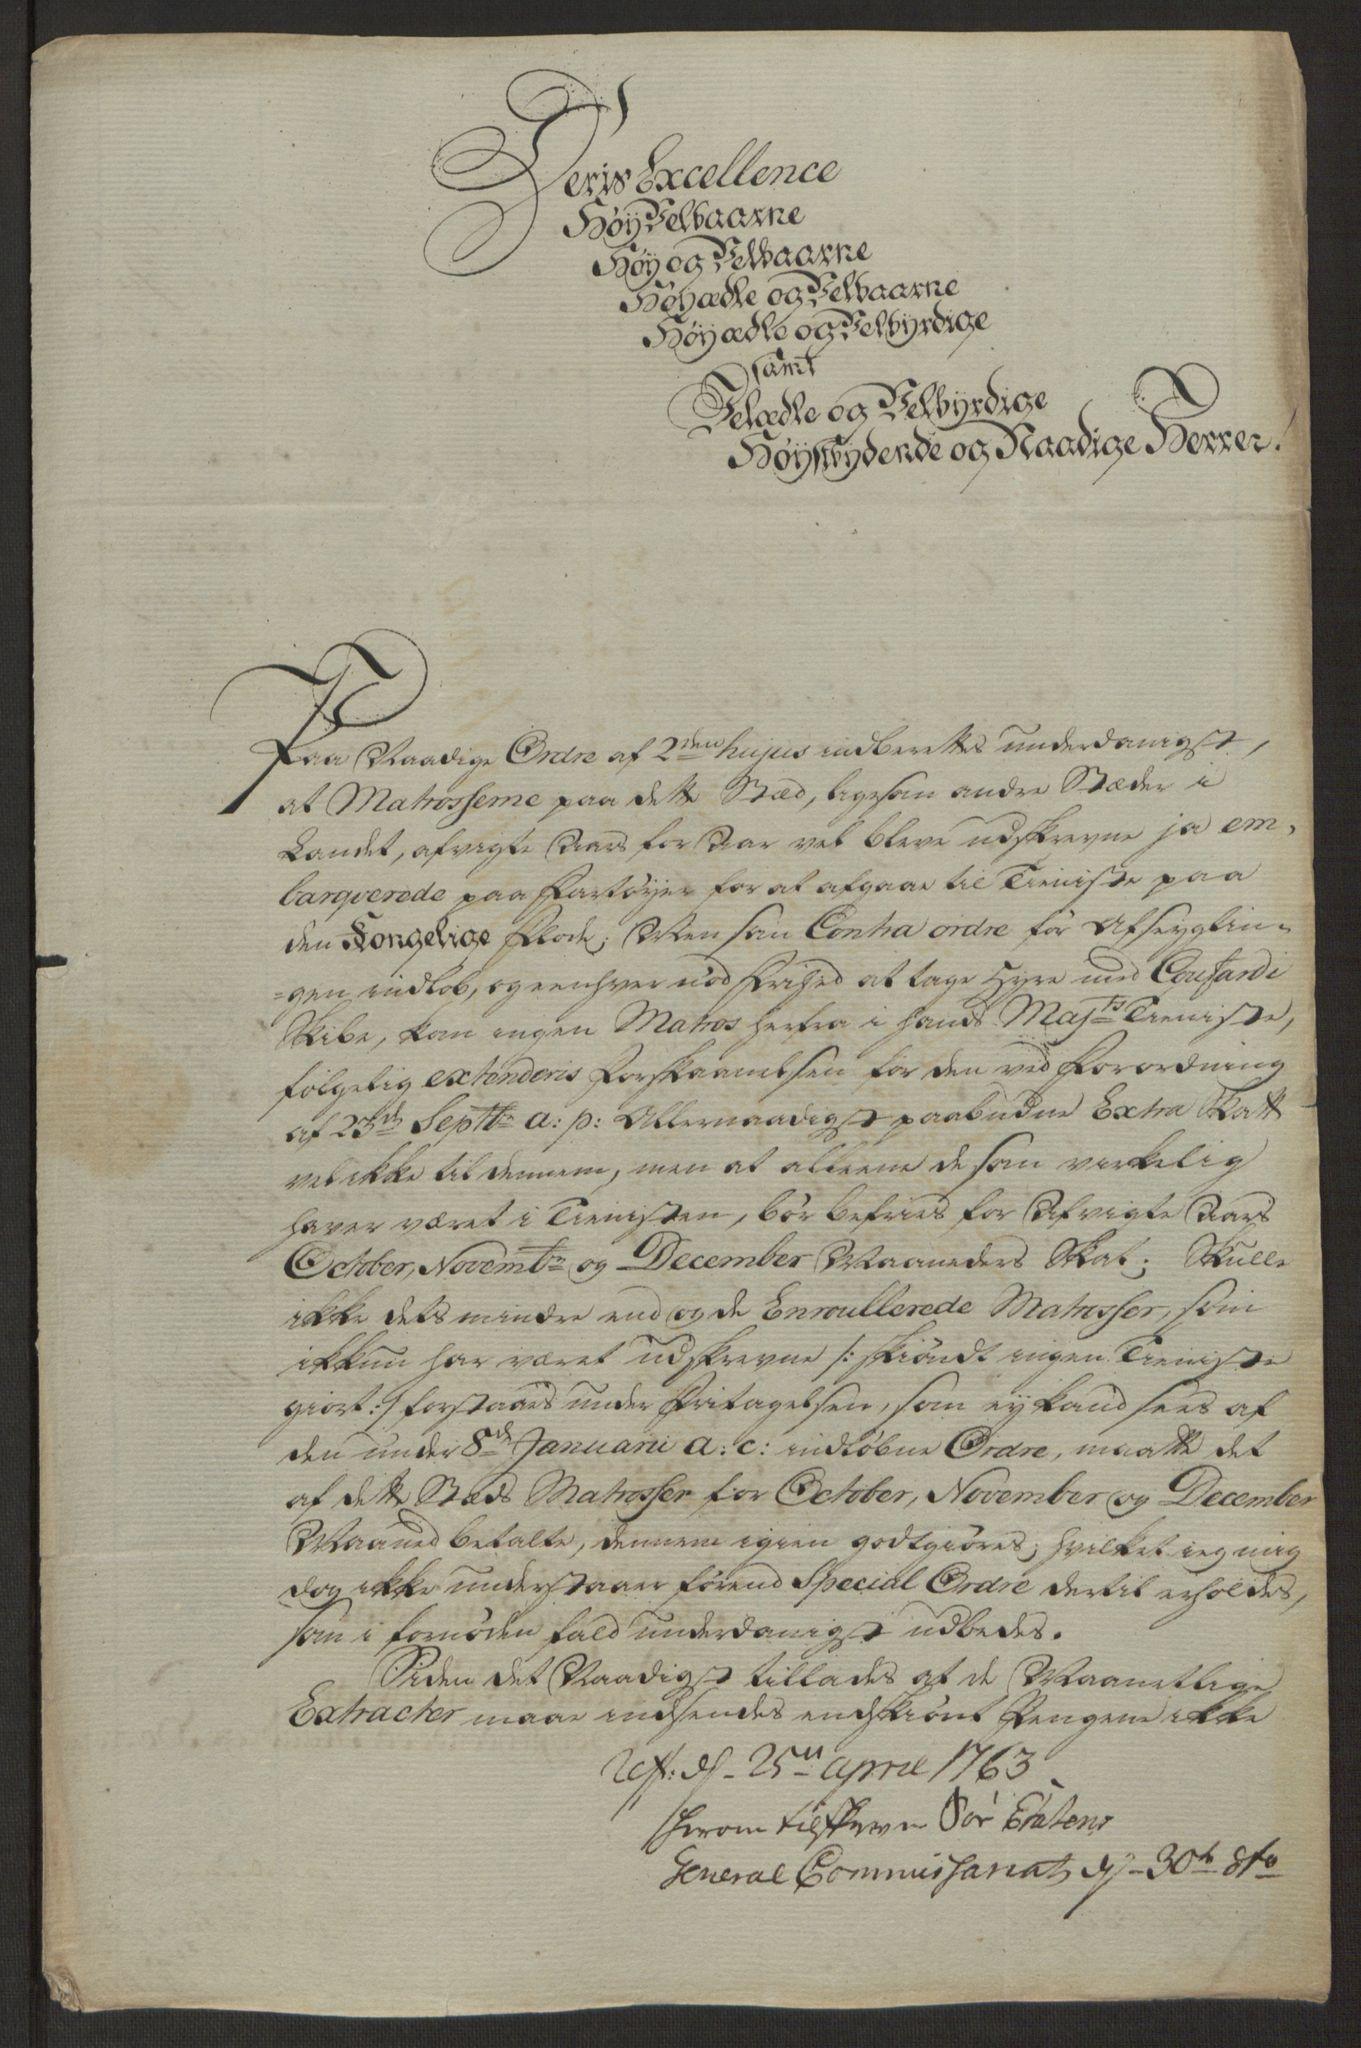 RA, Rentekammeret inntil 1814, Reviderte regnskaper, Byregnskaper, R/Ri/L0183: [I4] Kontribusjonsregnskap, 1762-1768, s. 164